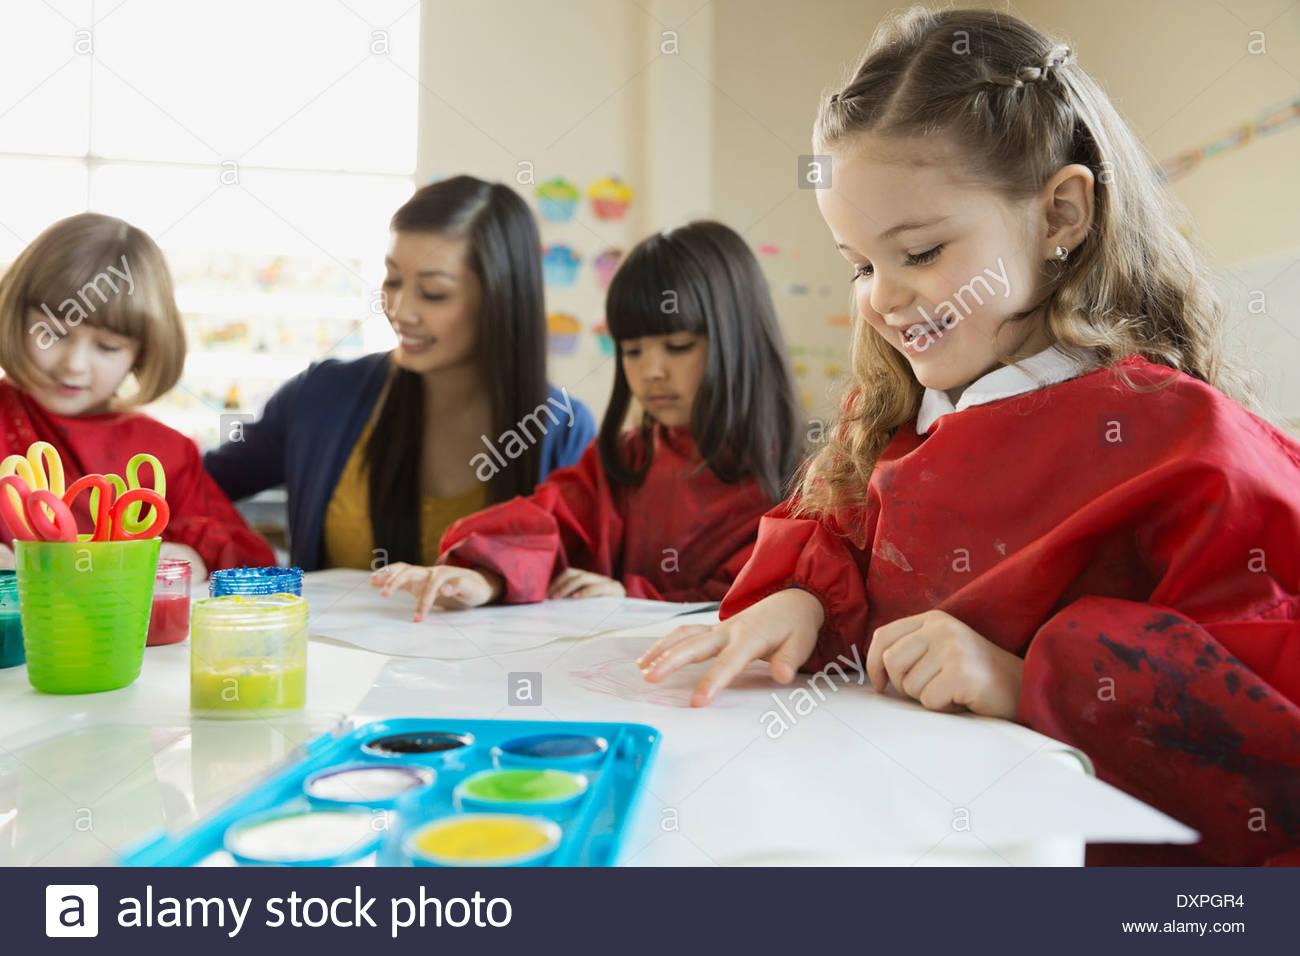 Profesor con niñas pintar con los dedos en la clase de arte Imagen De Stock